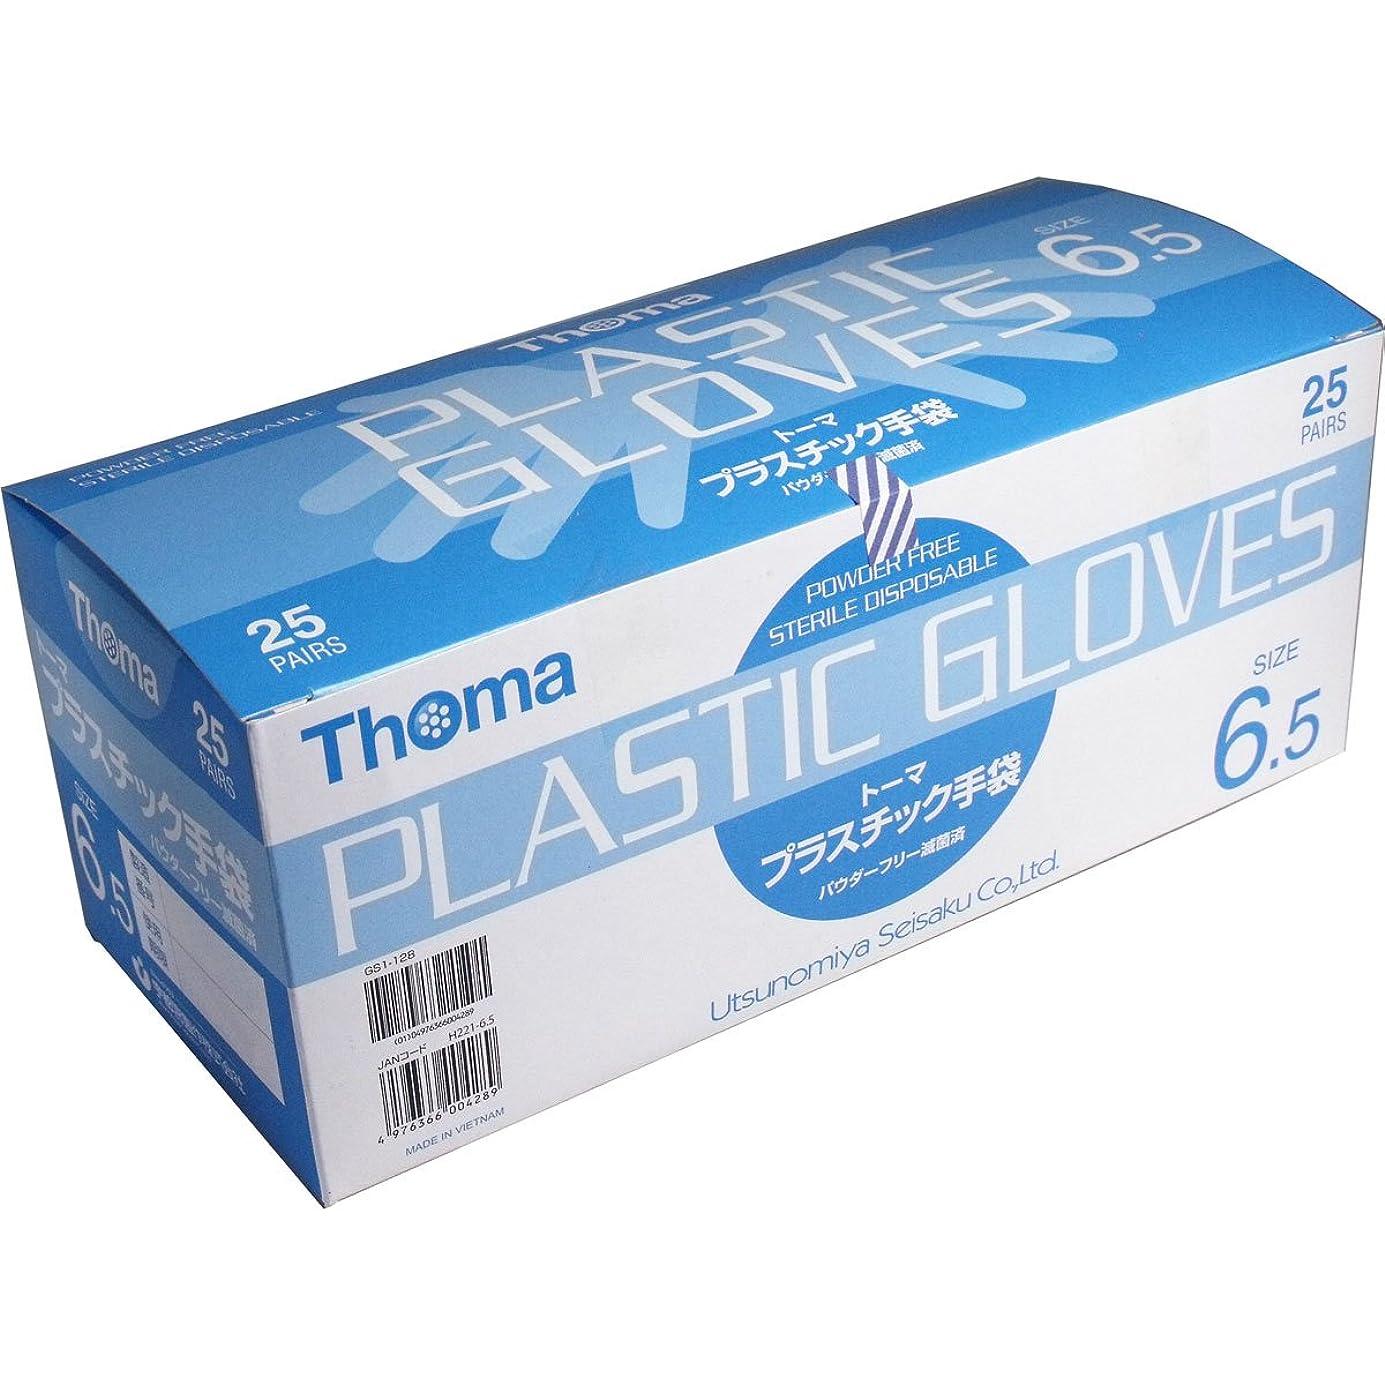 燃やす若者卑しい超薄手プラスチック手袋 1双毎に滅菌包装、衛生的 便利 トーマ プラスチック手袋 パウダーフリー滅菌済 25双入 サイズ6.5